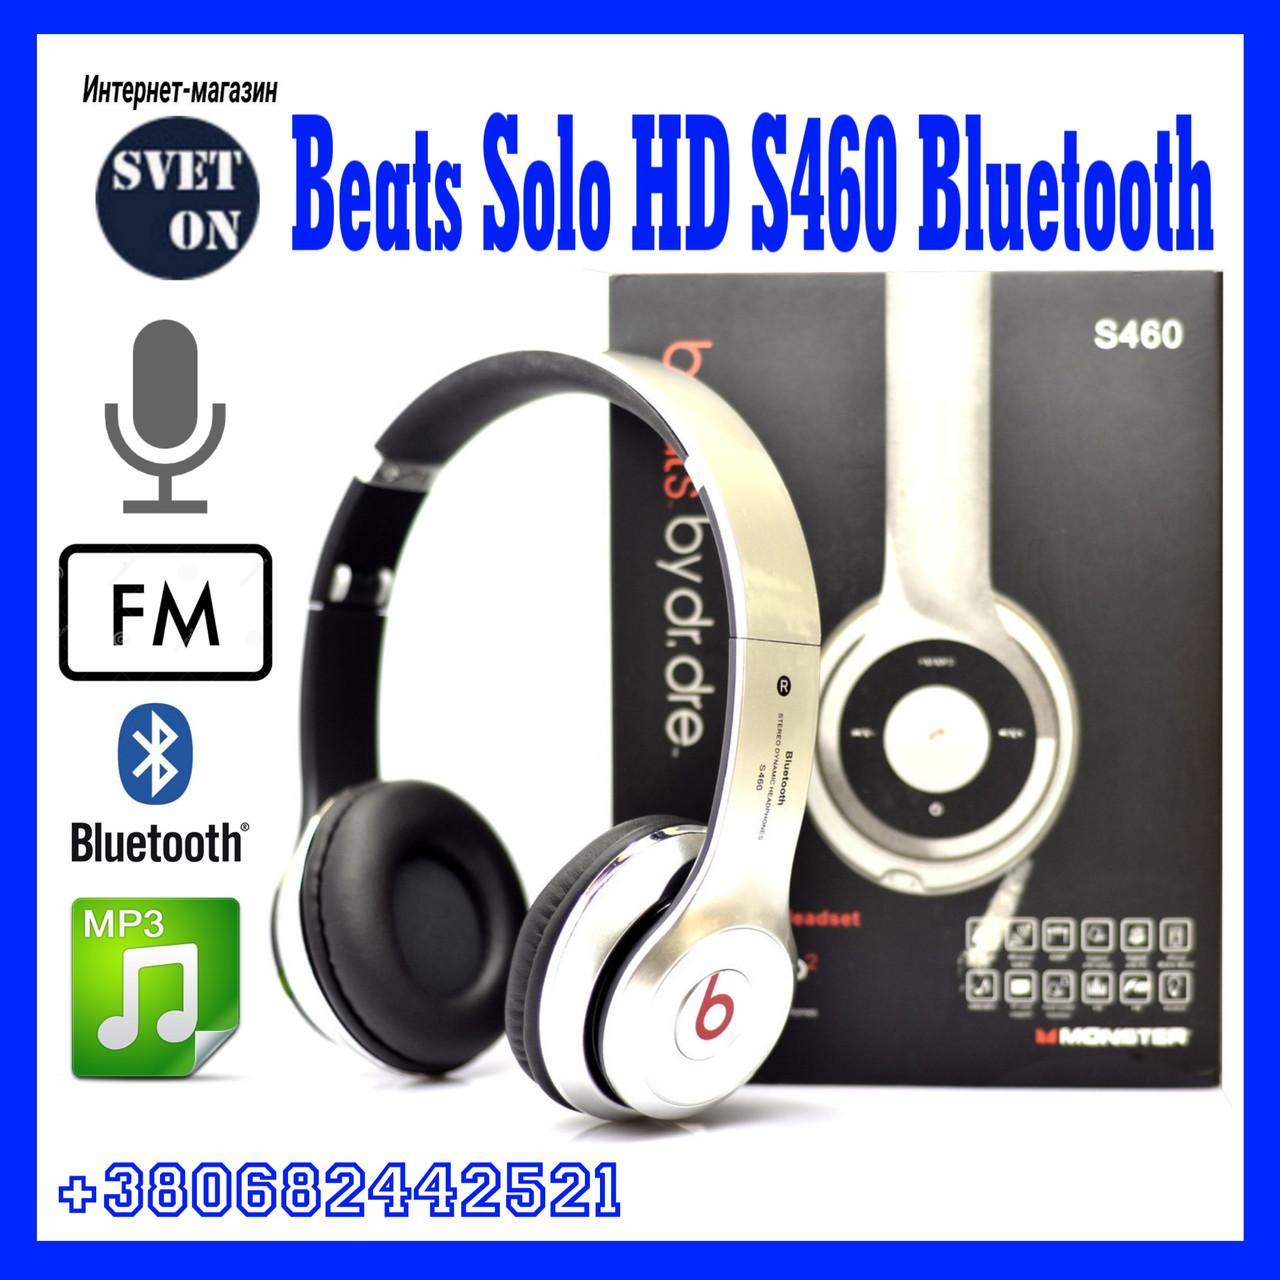 Беспроводные наушники Beats Solo HD S460 Bluetooth silver с MP3 плеером  серебристые реплика 203a4efd6099e